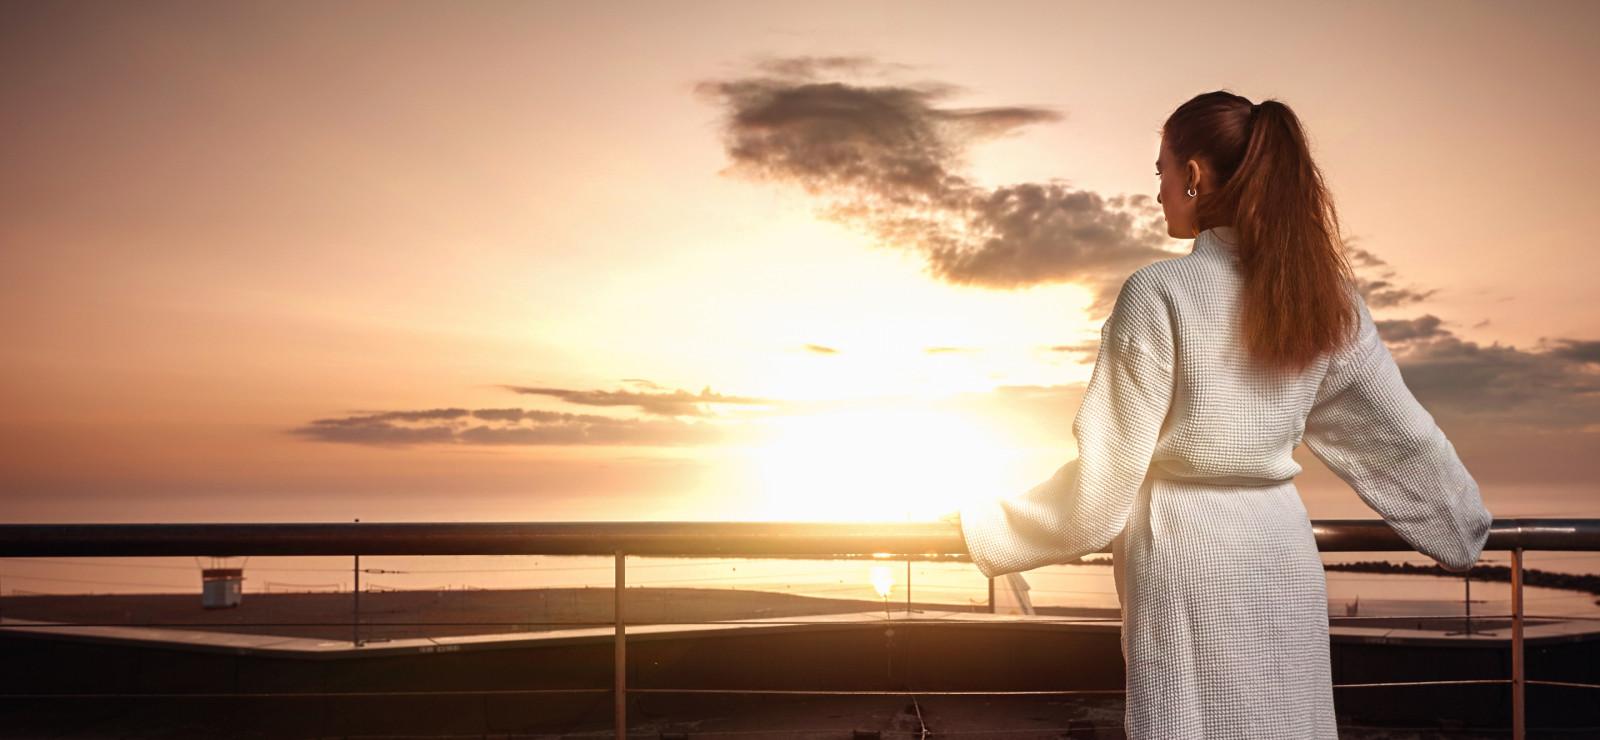 wellnesshotels norderney nordsee bewertungen f r wellness hotels. Black Bedroom Furniture Sets. Home Design Ideas